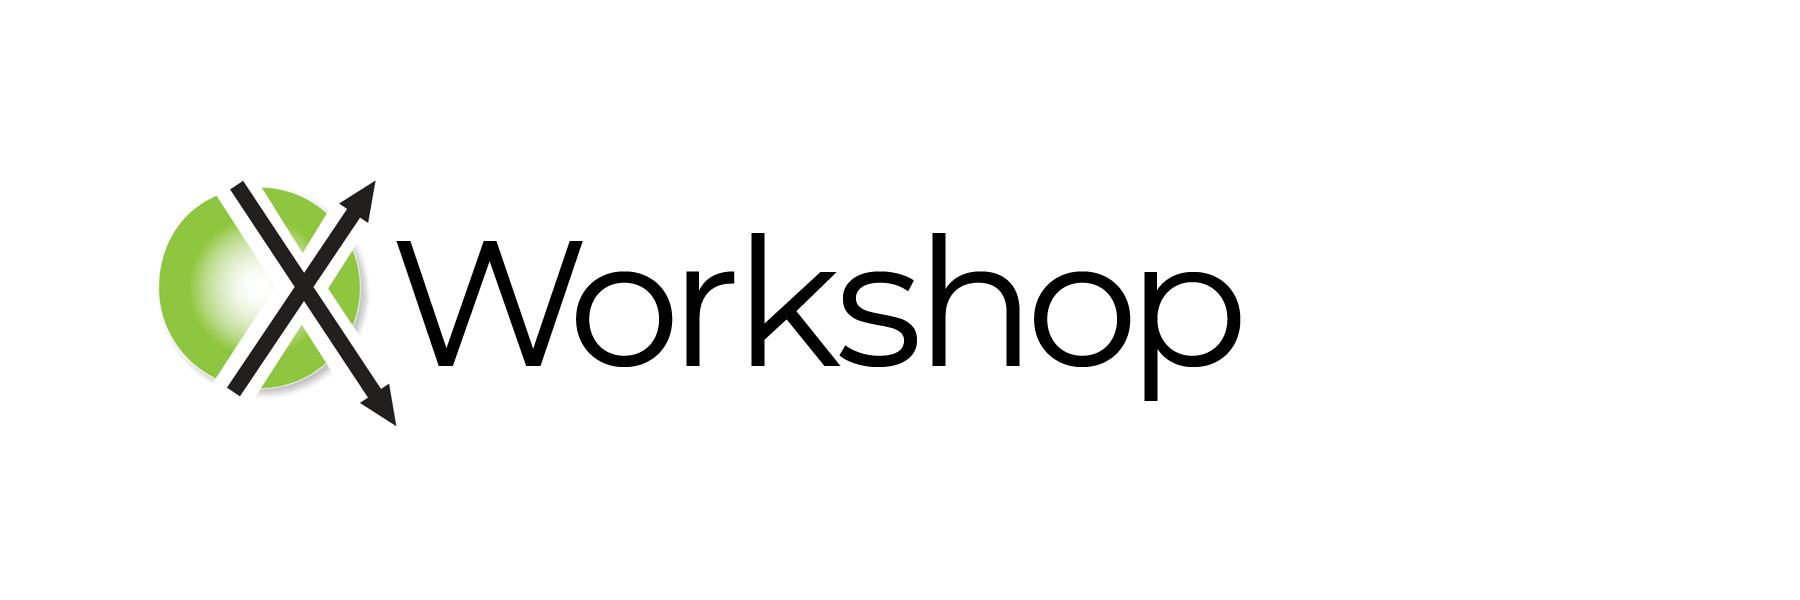 X_Workshop_v2.jpg